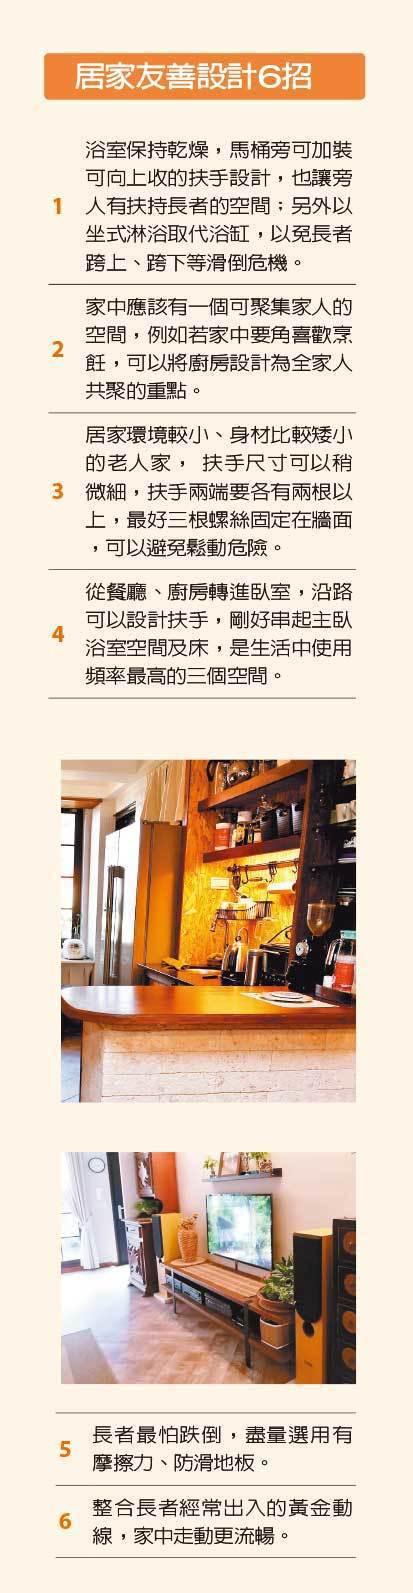 圖/鄭超文攝影、小曼提供